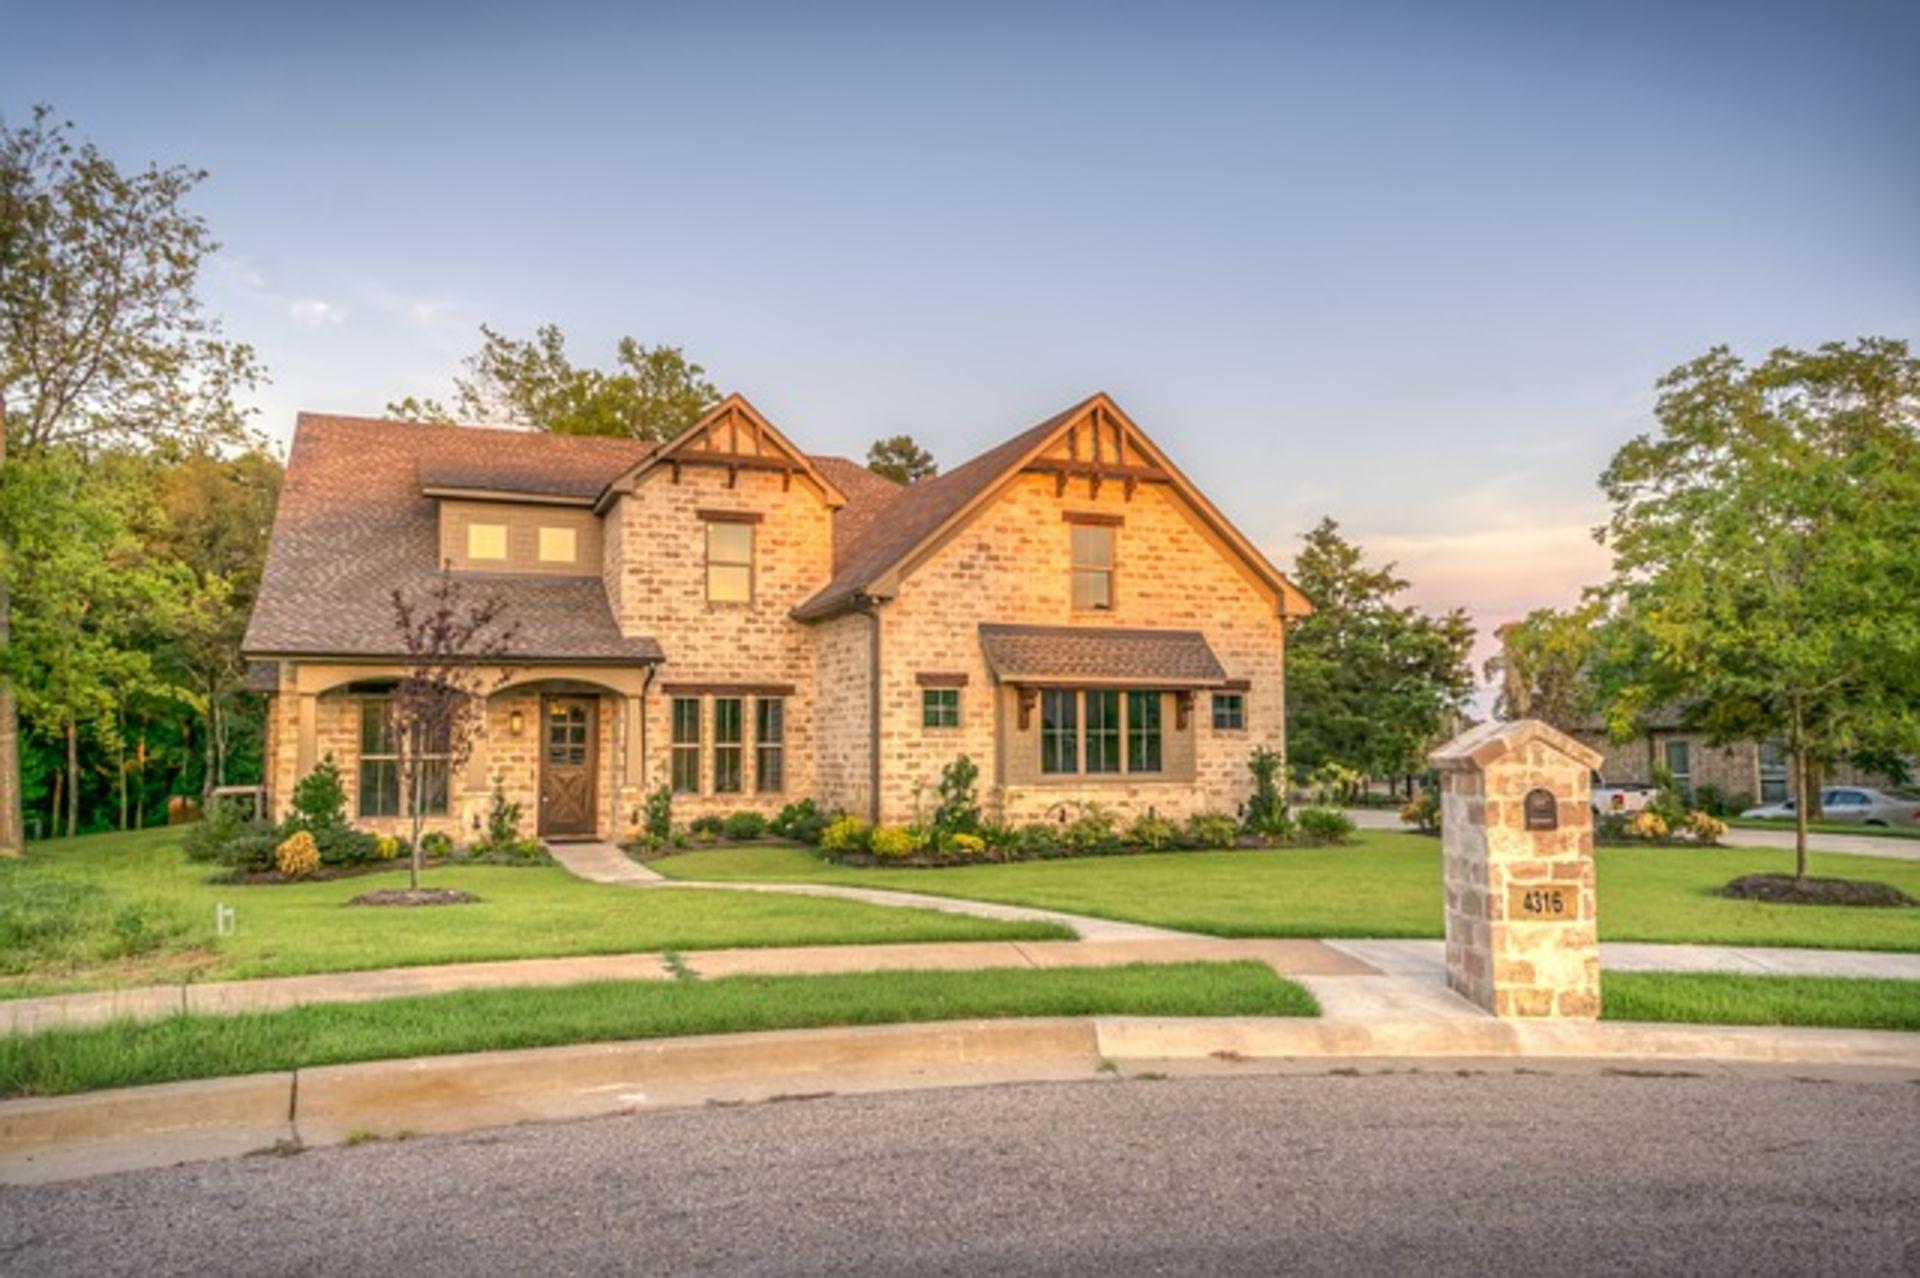 Mission KS Homes for Sale